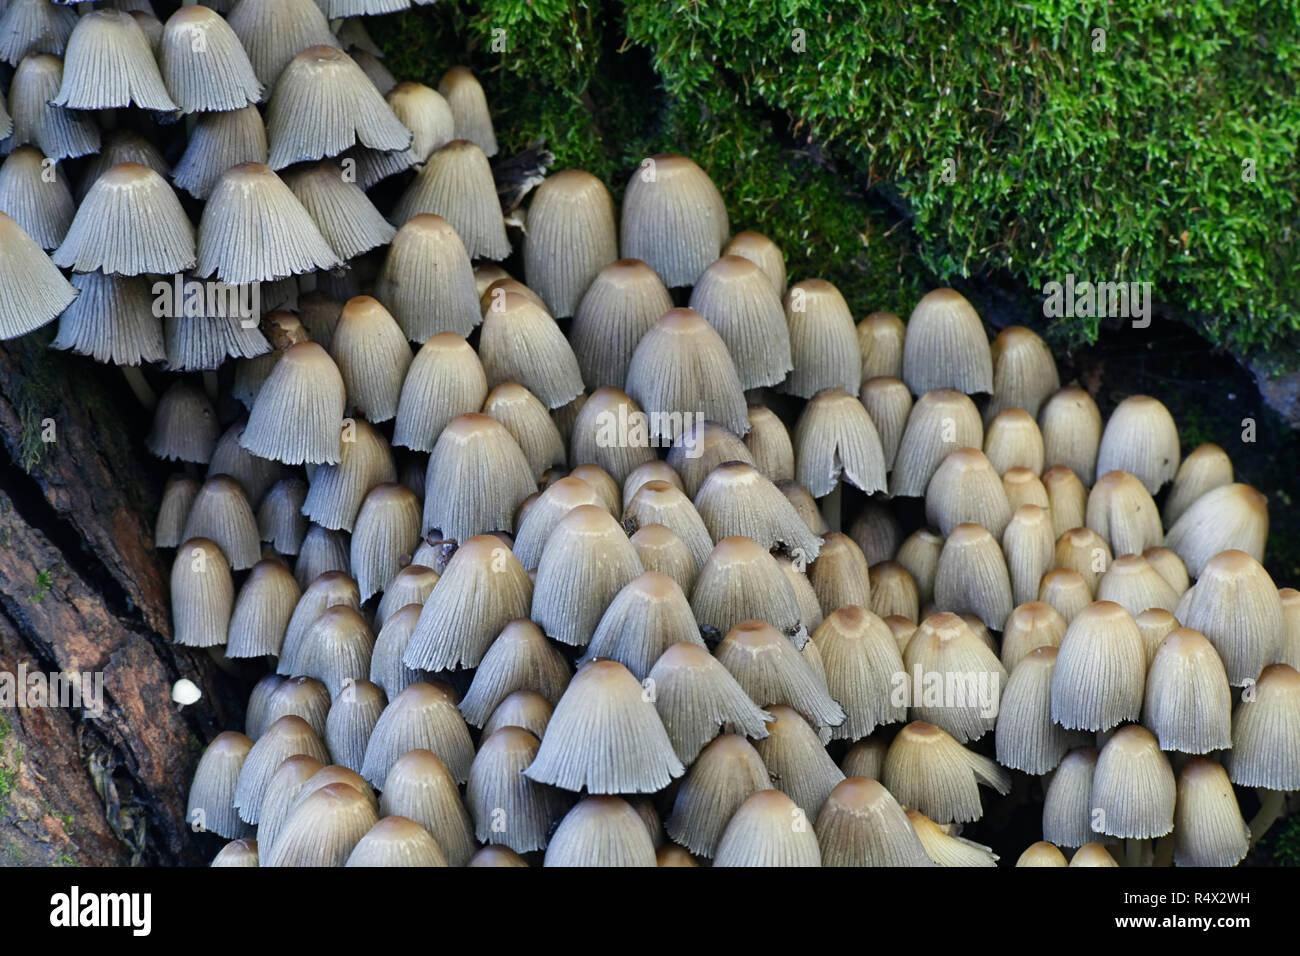 Coprinellus micaceus, Glistening Inkcap mushroom - Stock Image